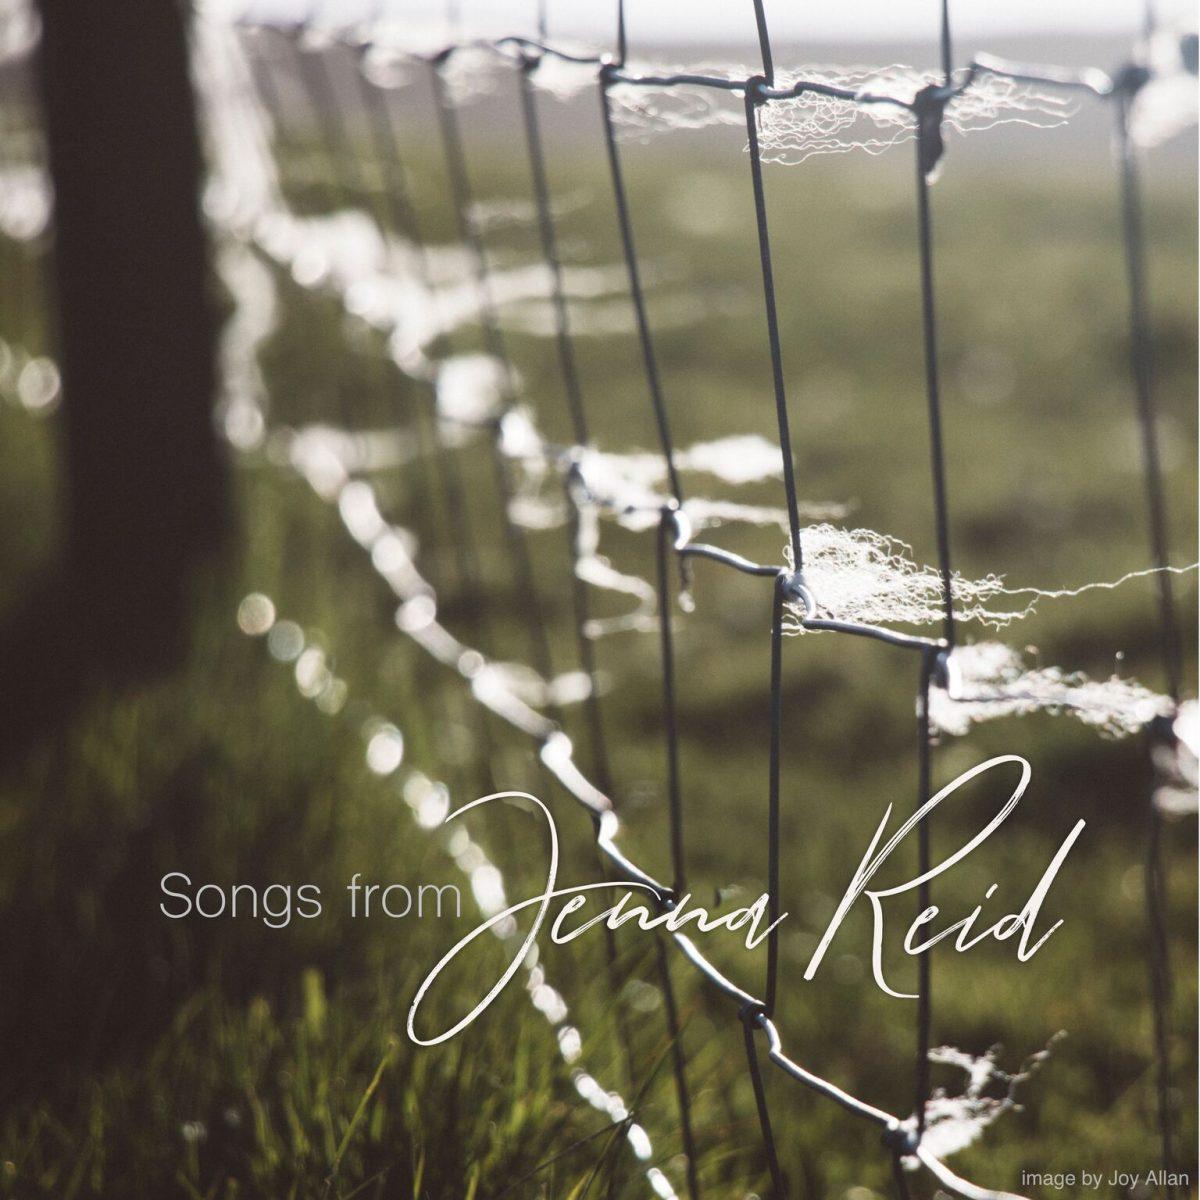 Songs From Jenna Reid